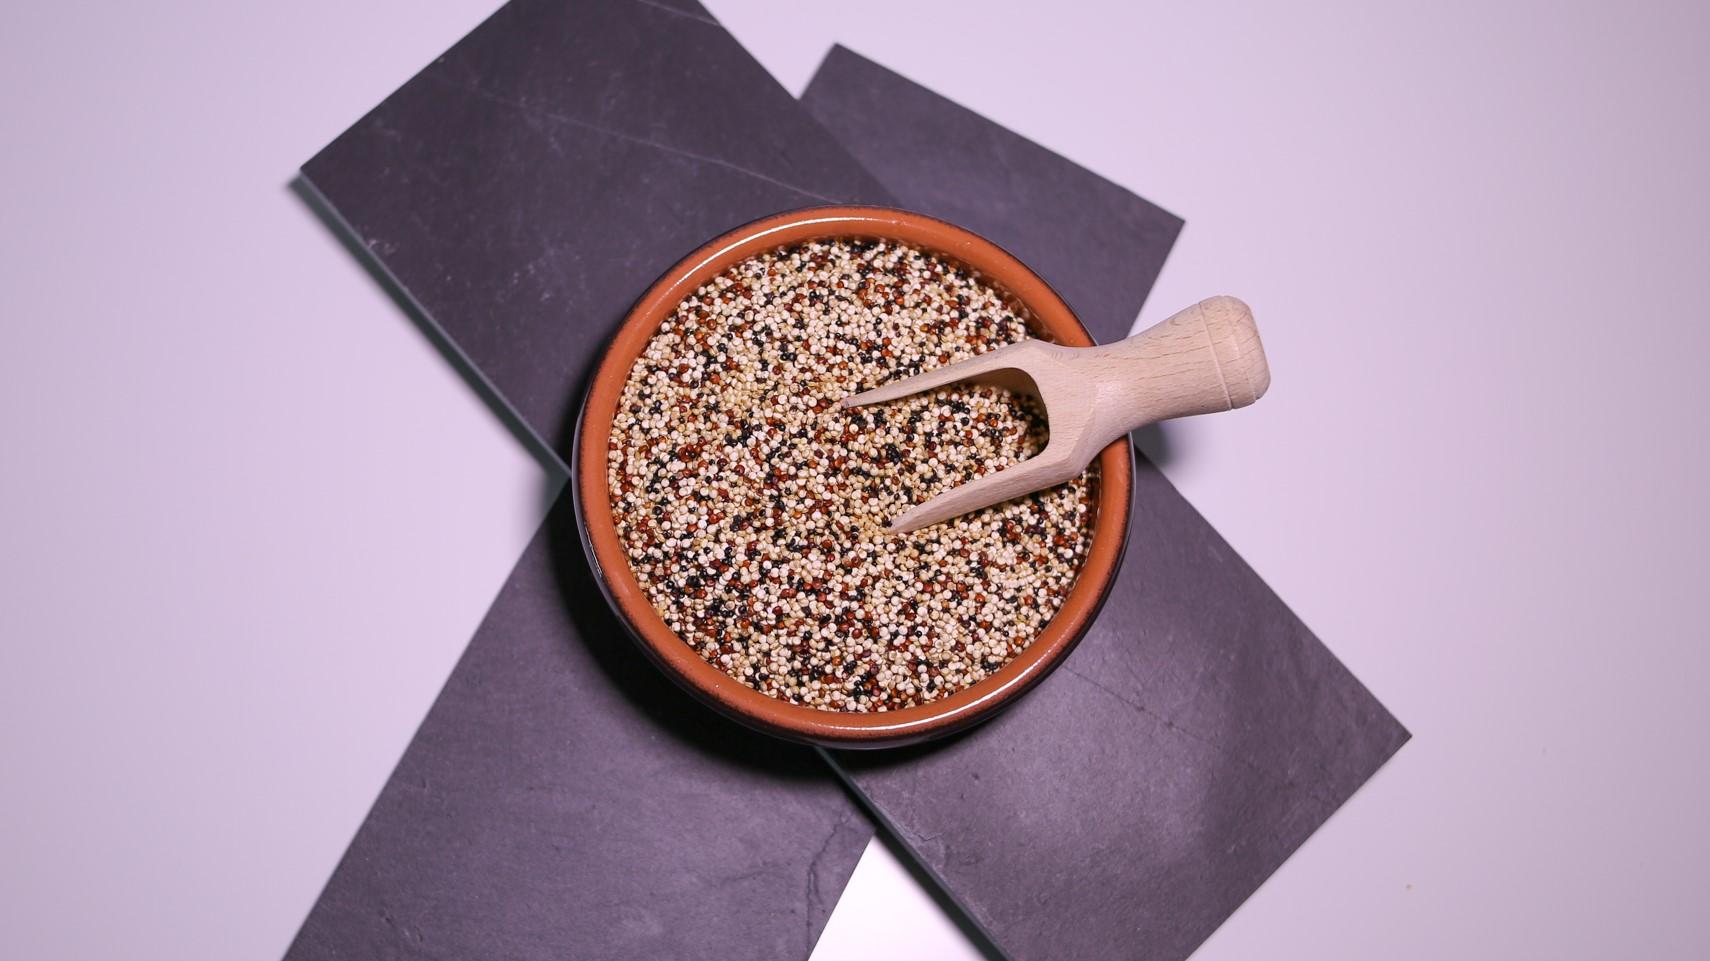 5Z2A6615-Quinoa tricolore